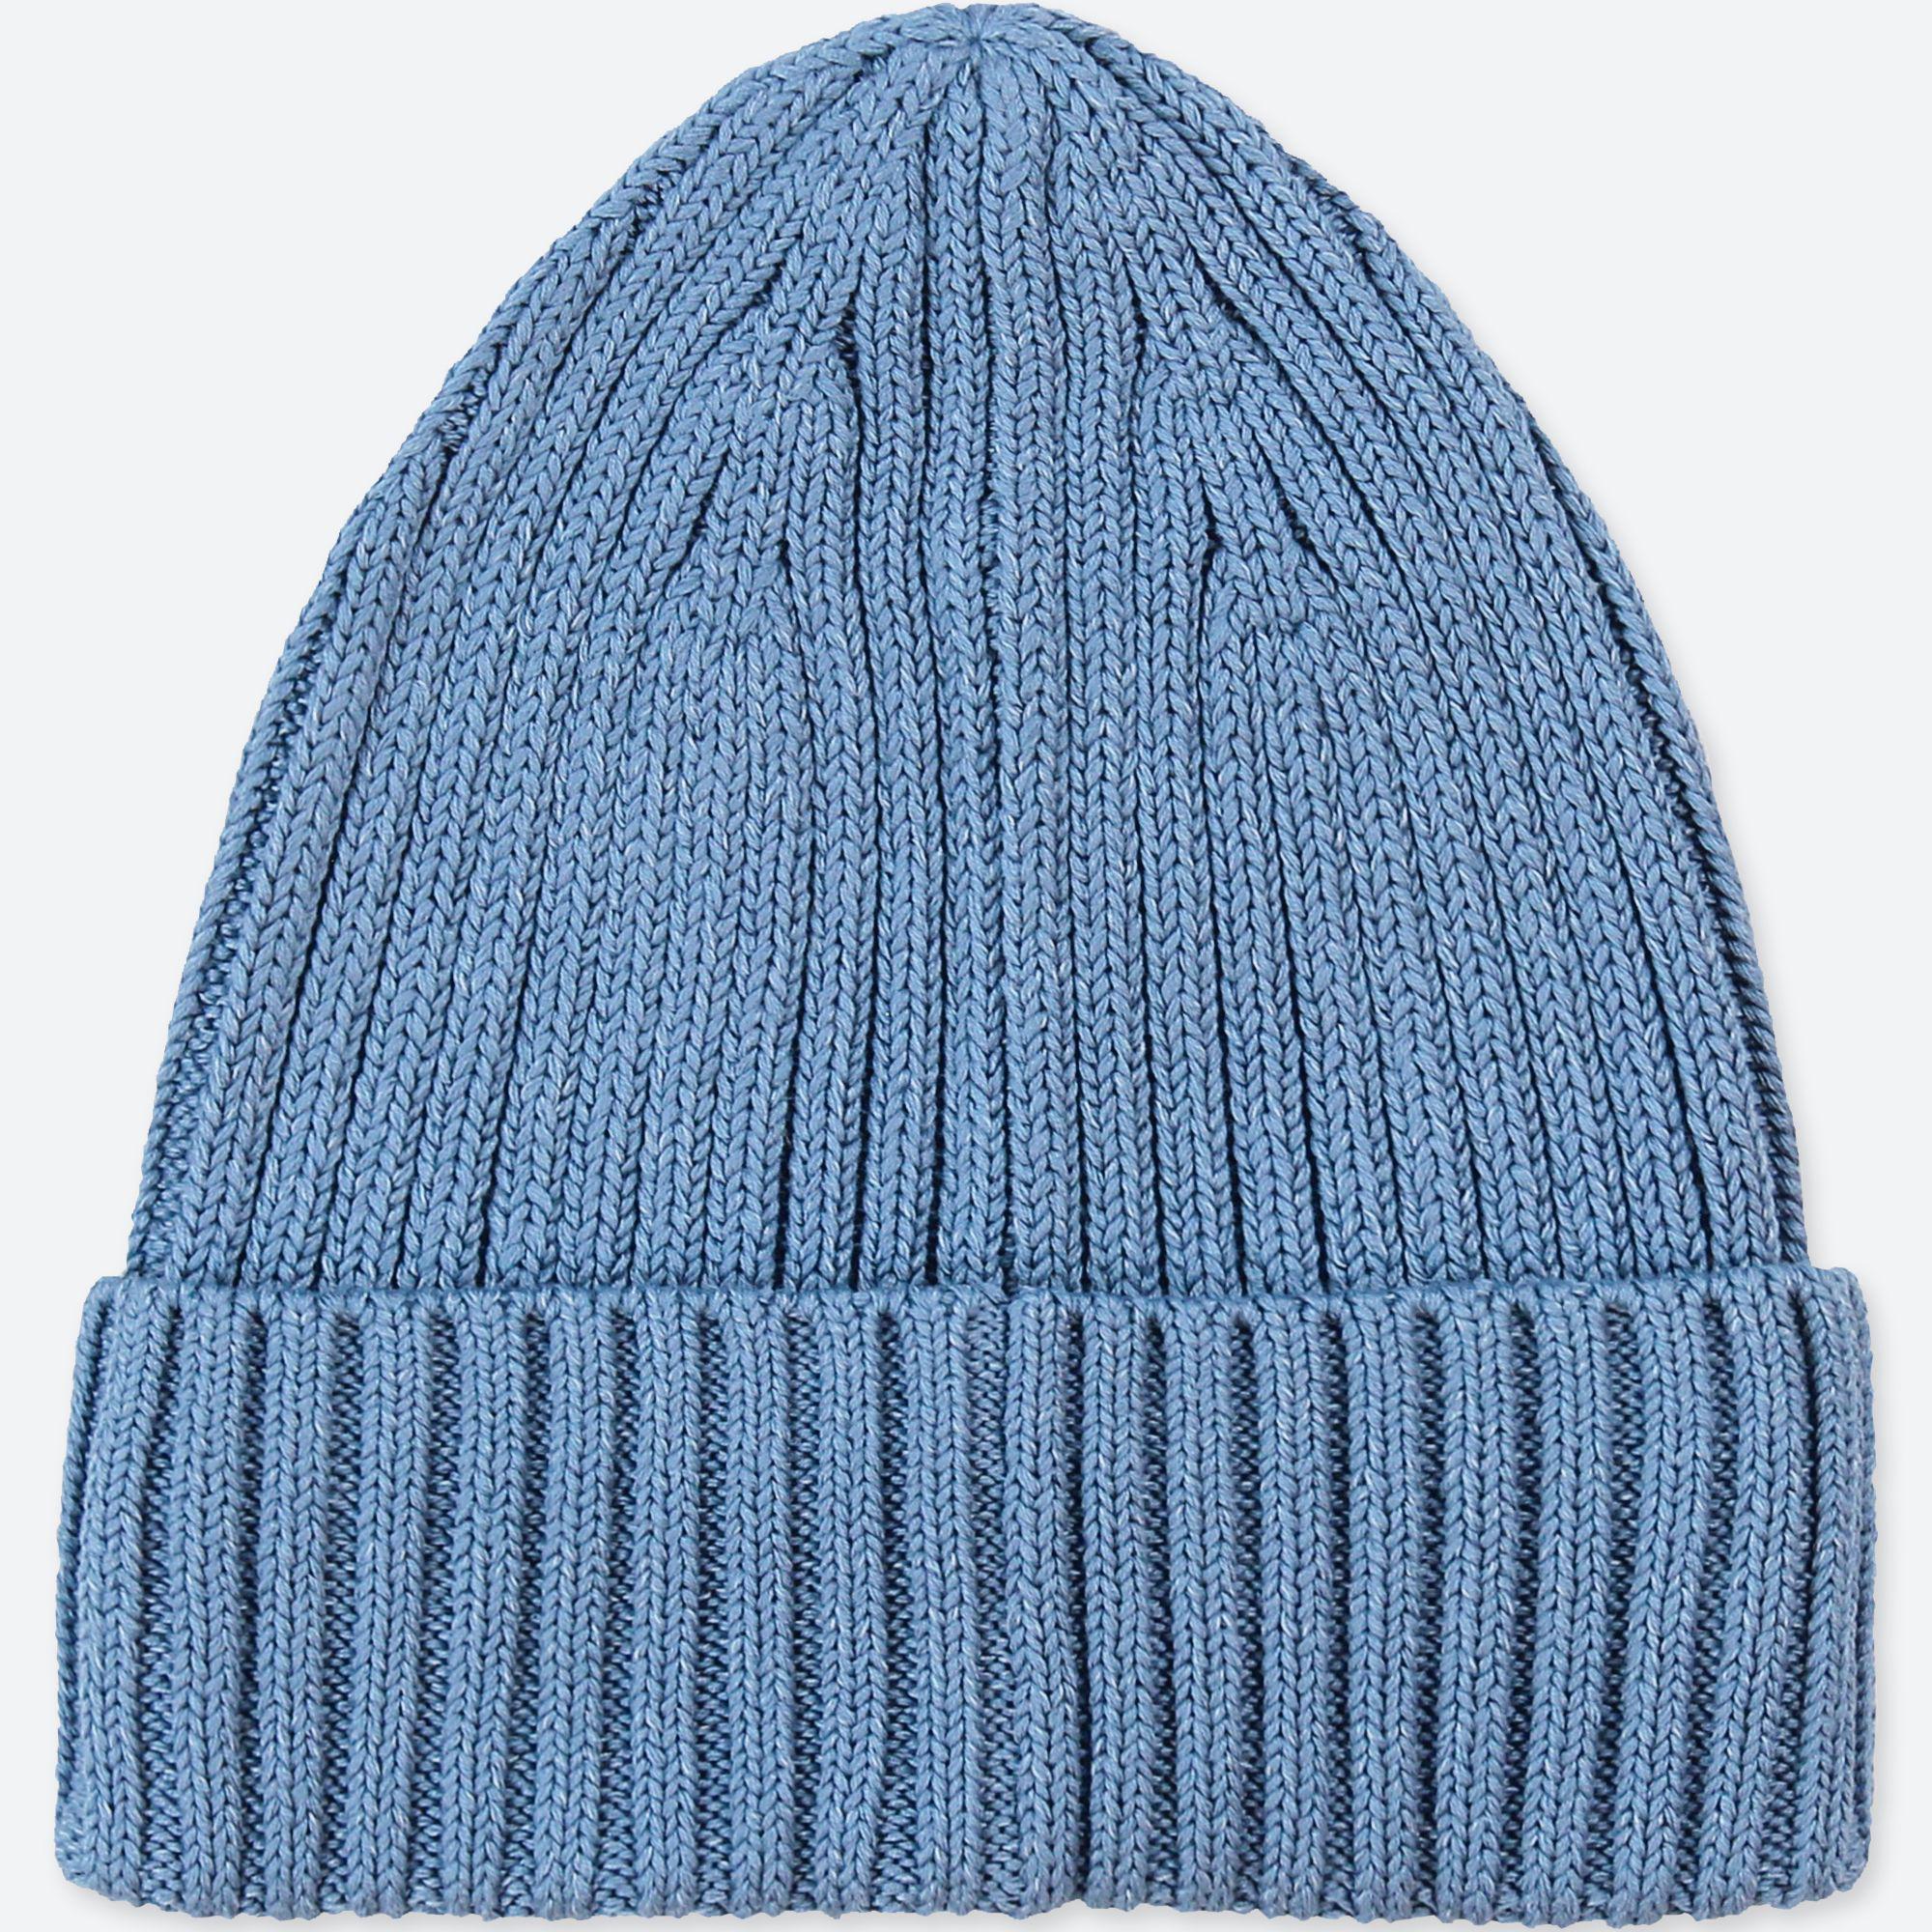 Uniqlo Rib Beanie in Blue for Men - Lyst b5f08ce8aea6